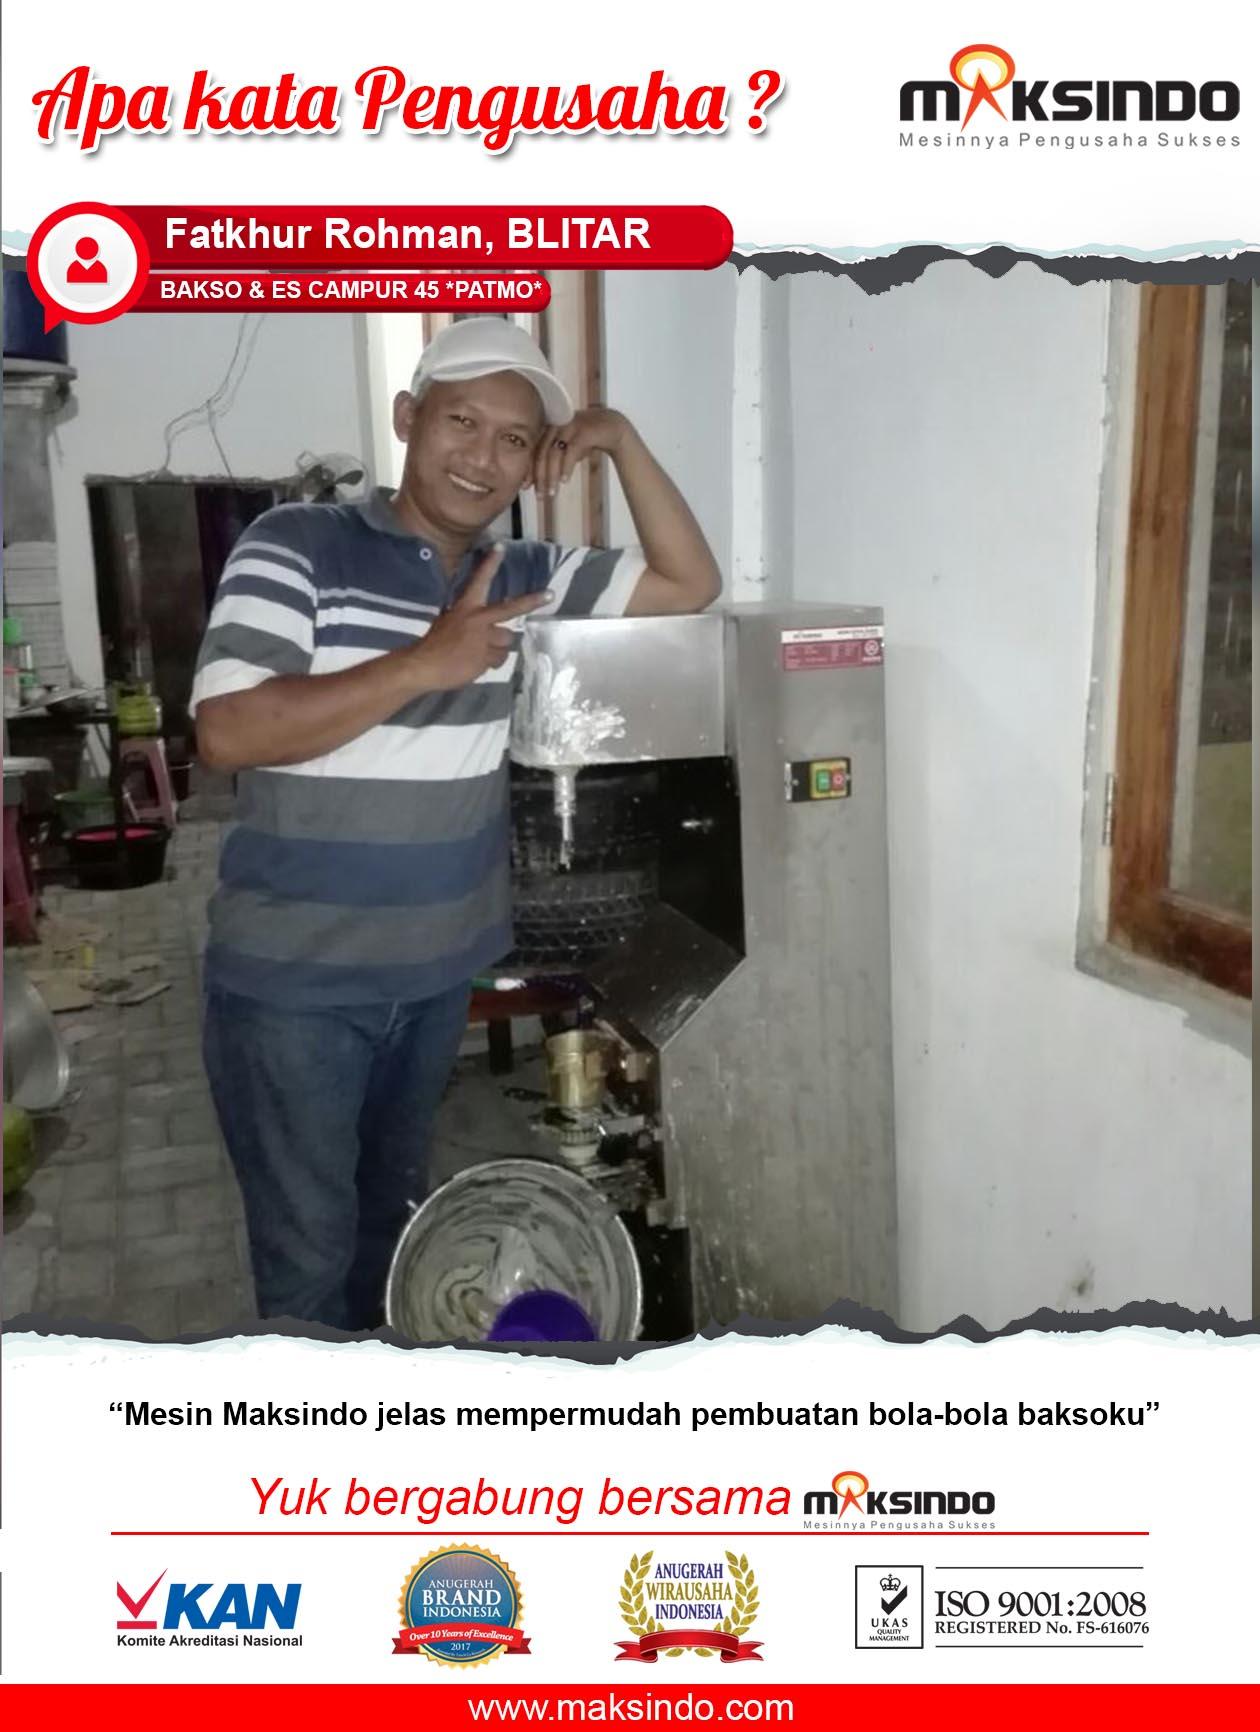 36. Fatkhur Rohman